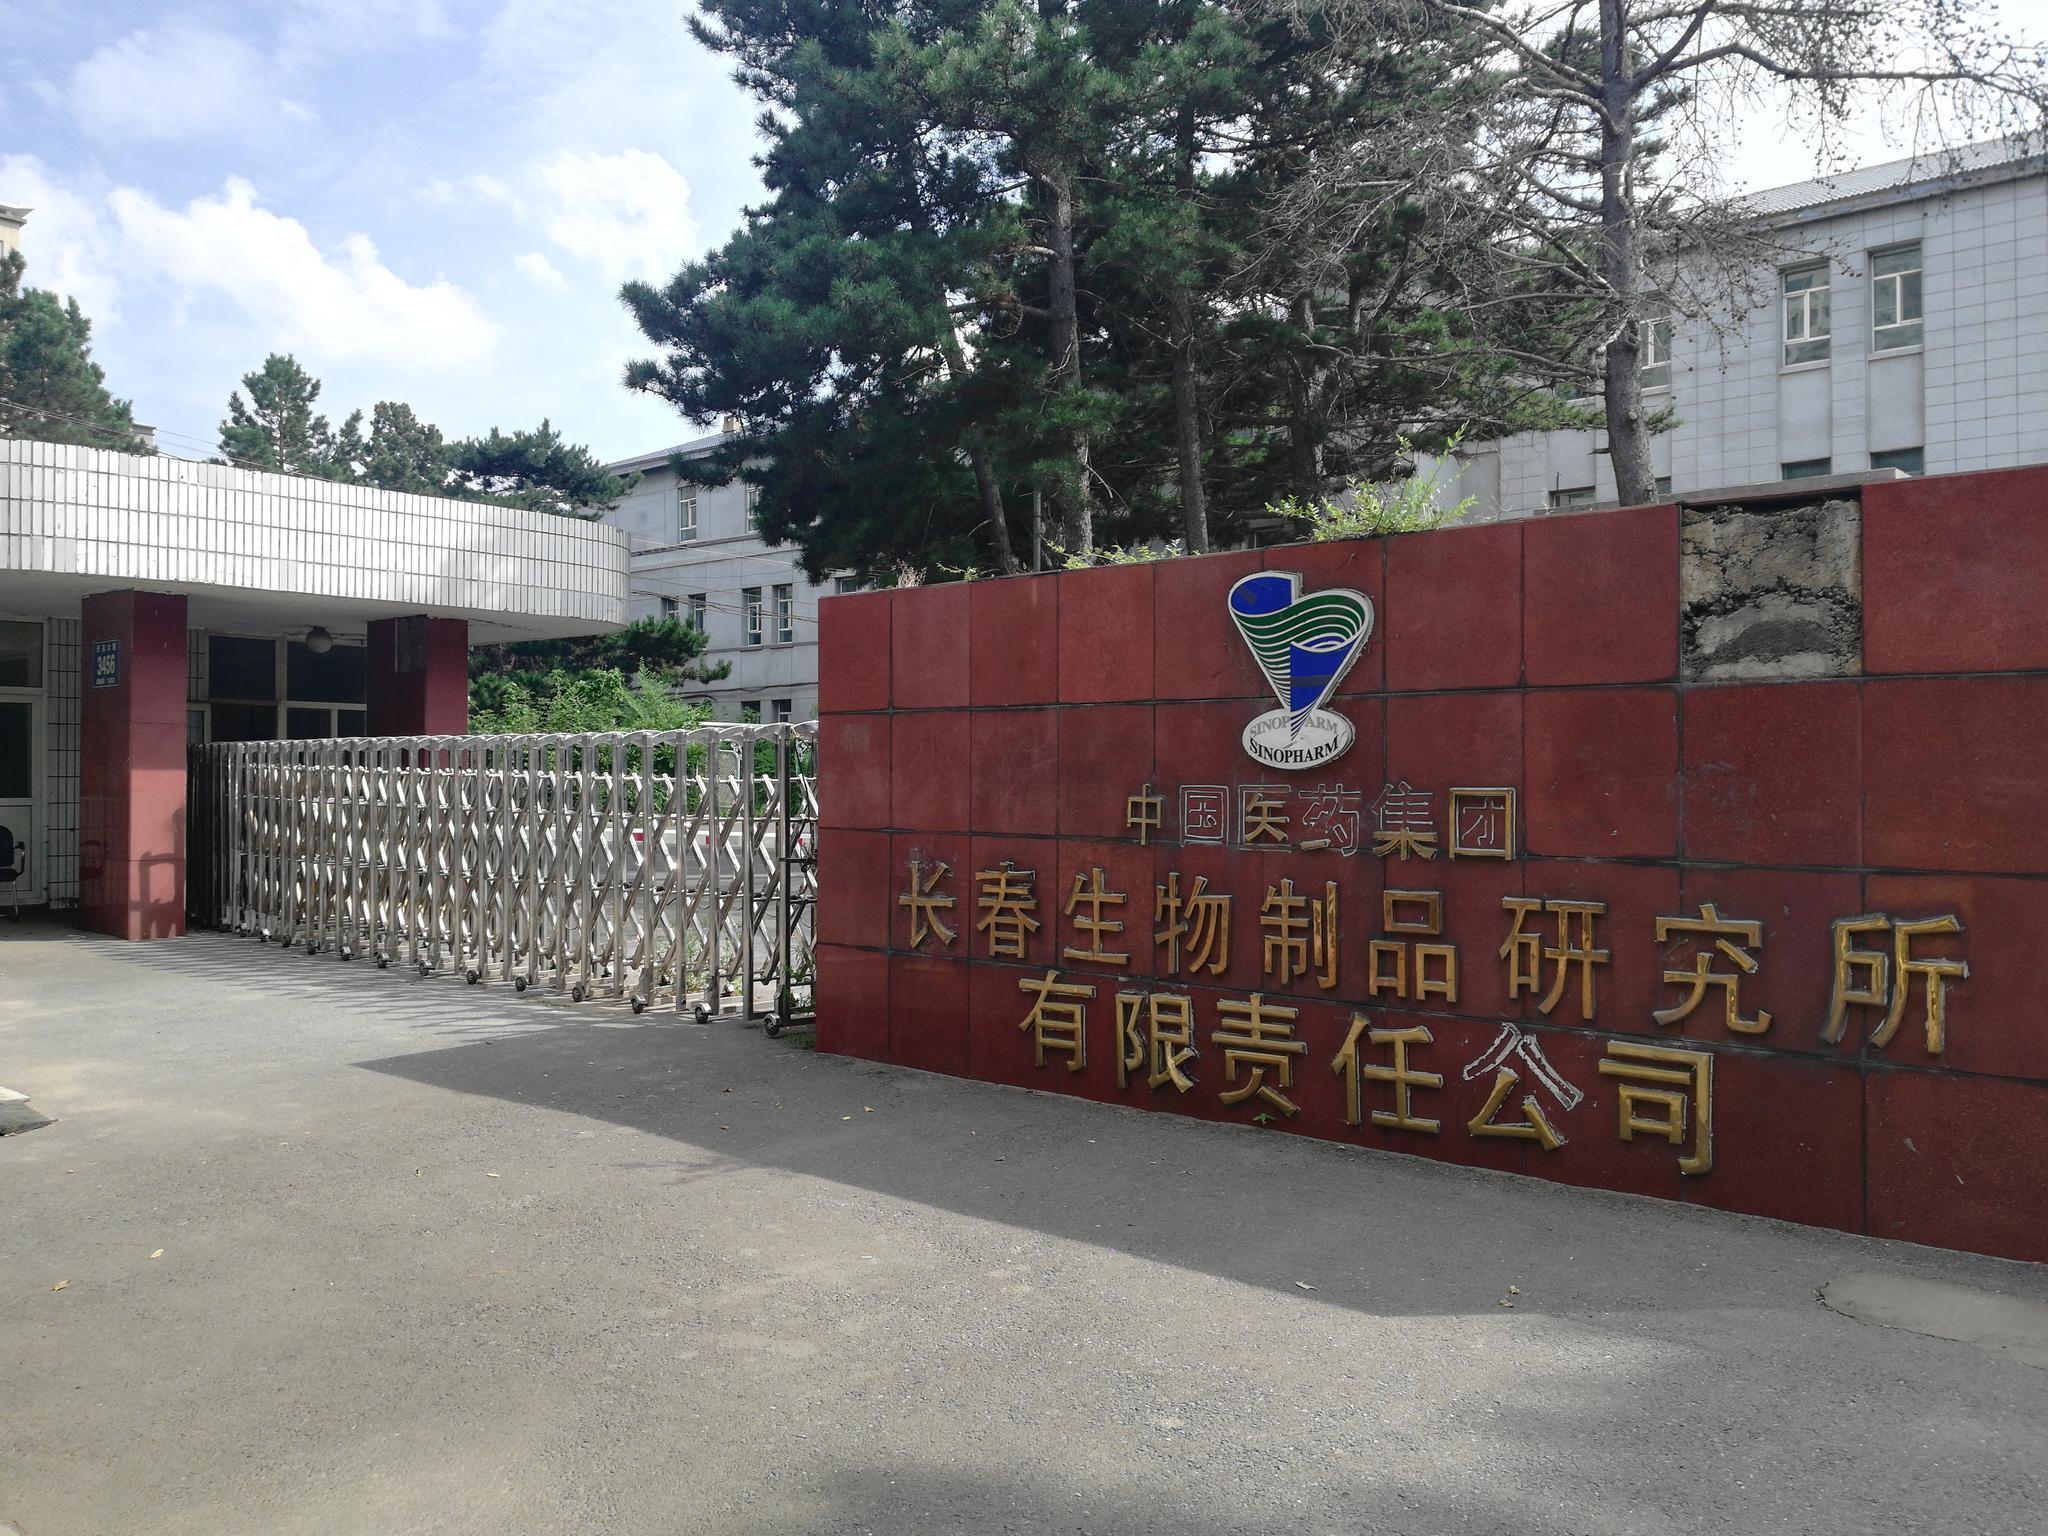 2018年7月24日的老长春生物制品研究所旧址,这里已经无人办公。摄影/新京报记者 李云琦